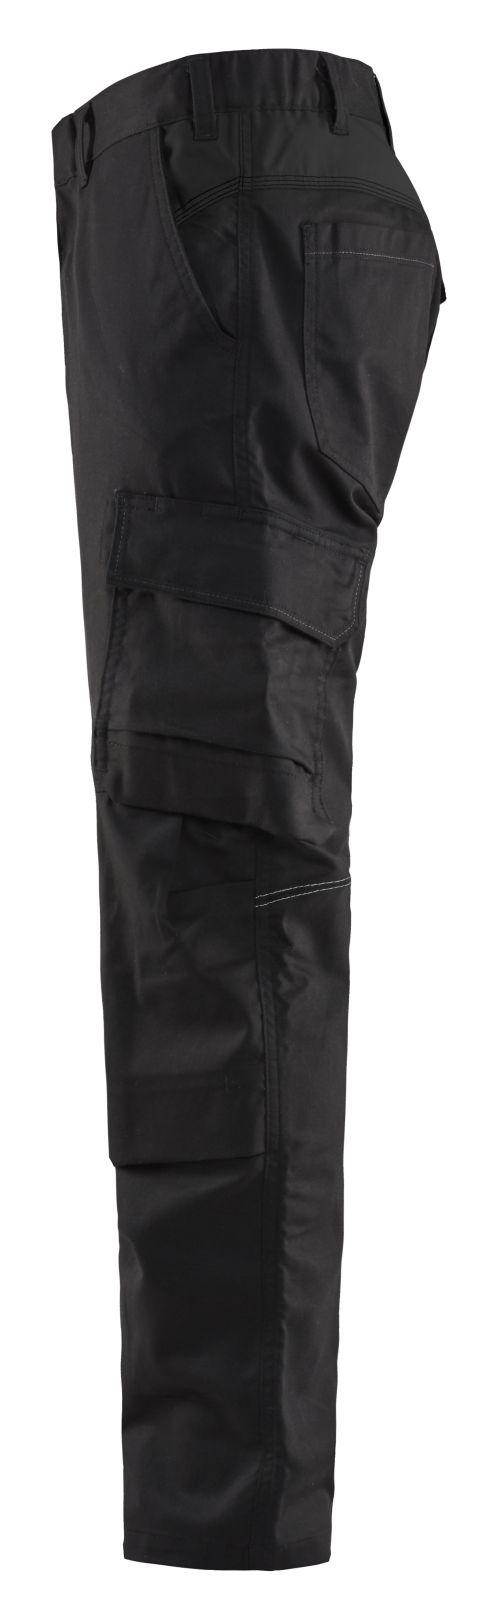 Blaklader Broeken 14481832 zwart(9900)